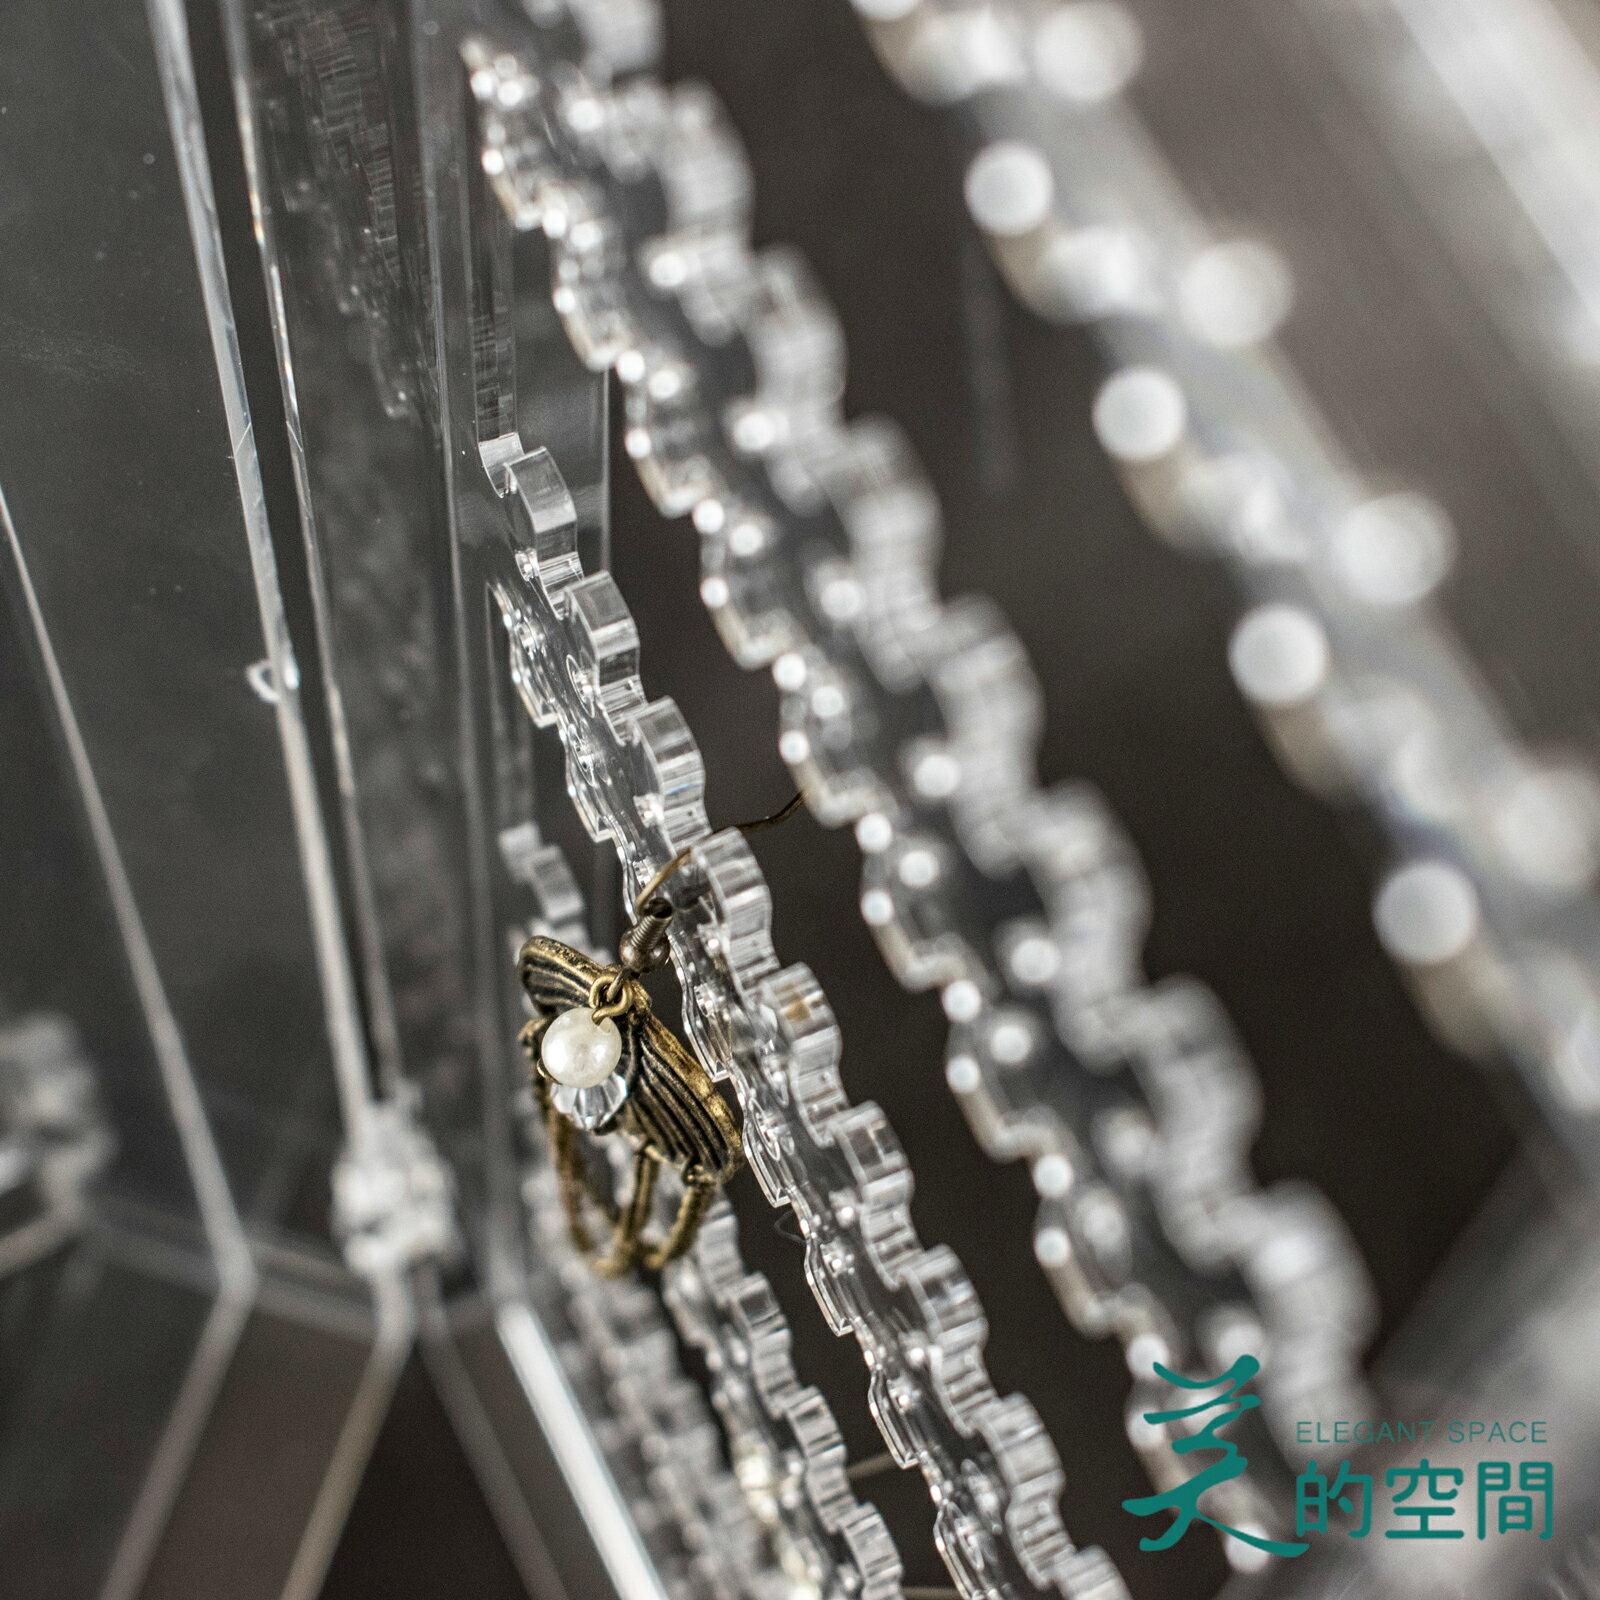 透明壓克力 256孔折疊式耳環收納架 置物展示架#8572 台灣製 外銷精品 壓克力收納 美妝用品★全家超取免運費★【美的空間】 2